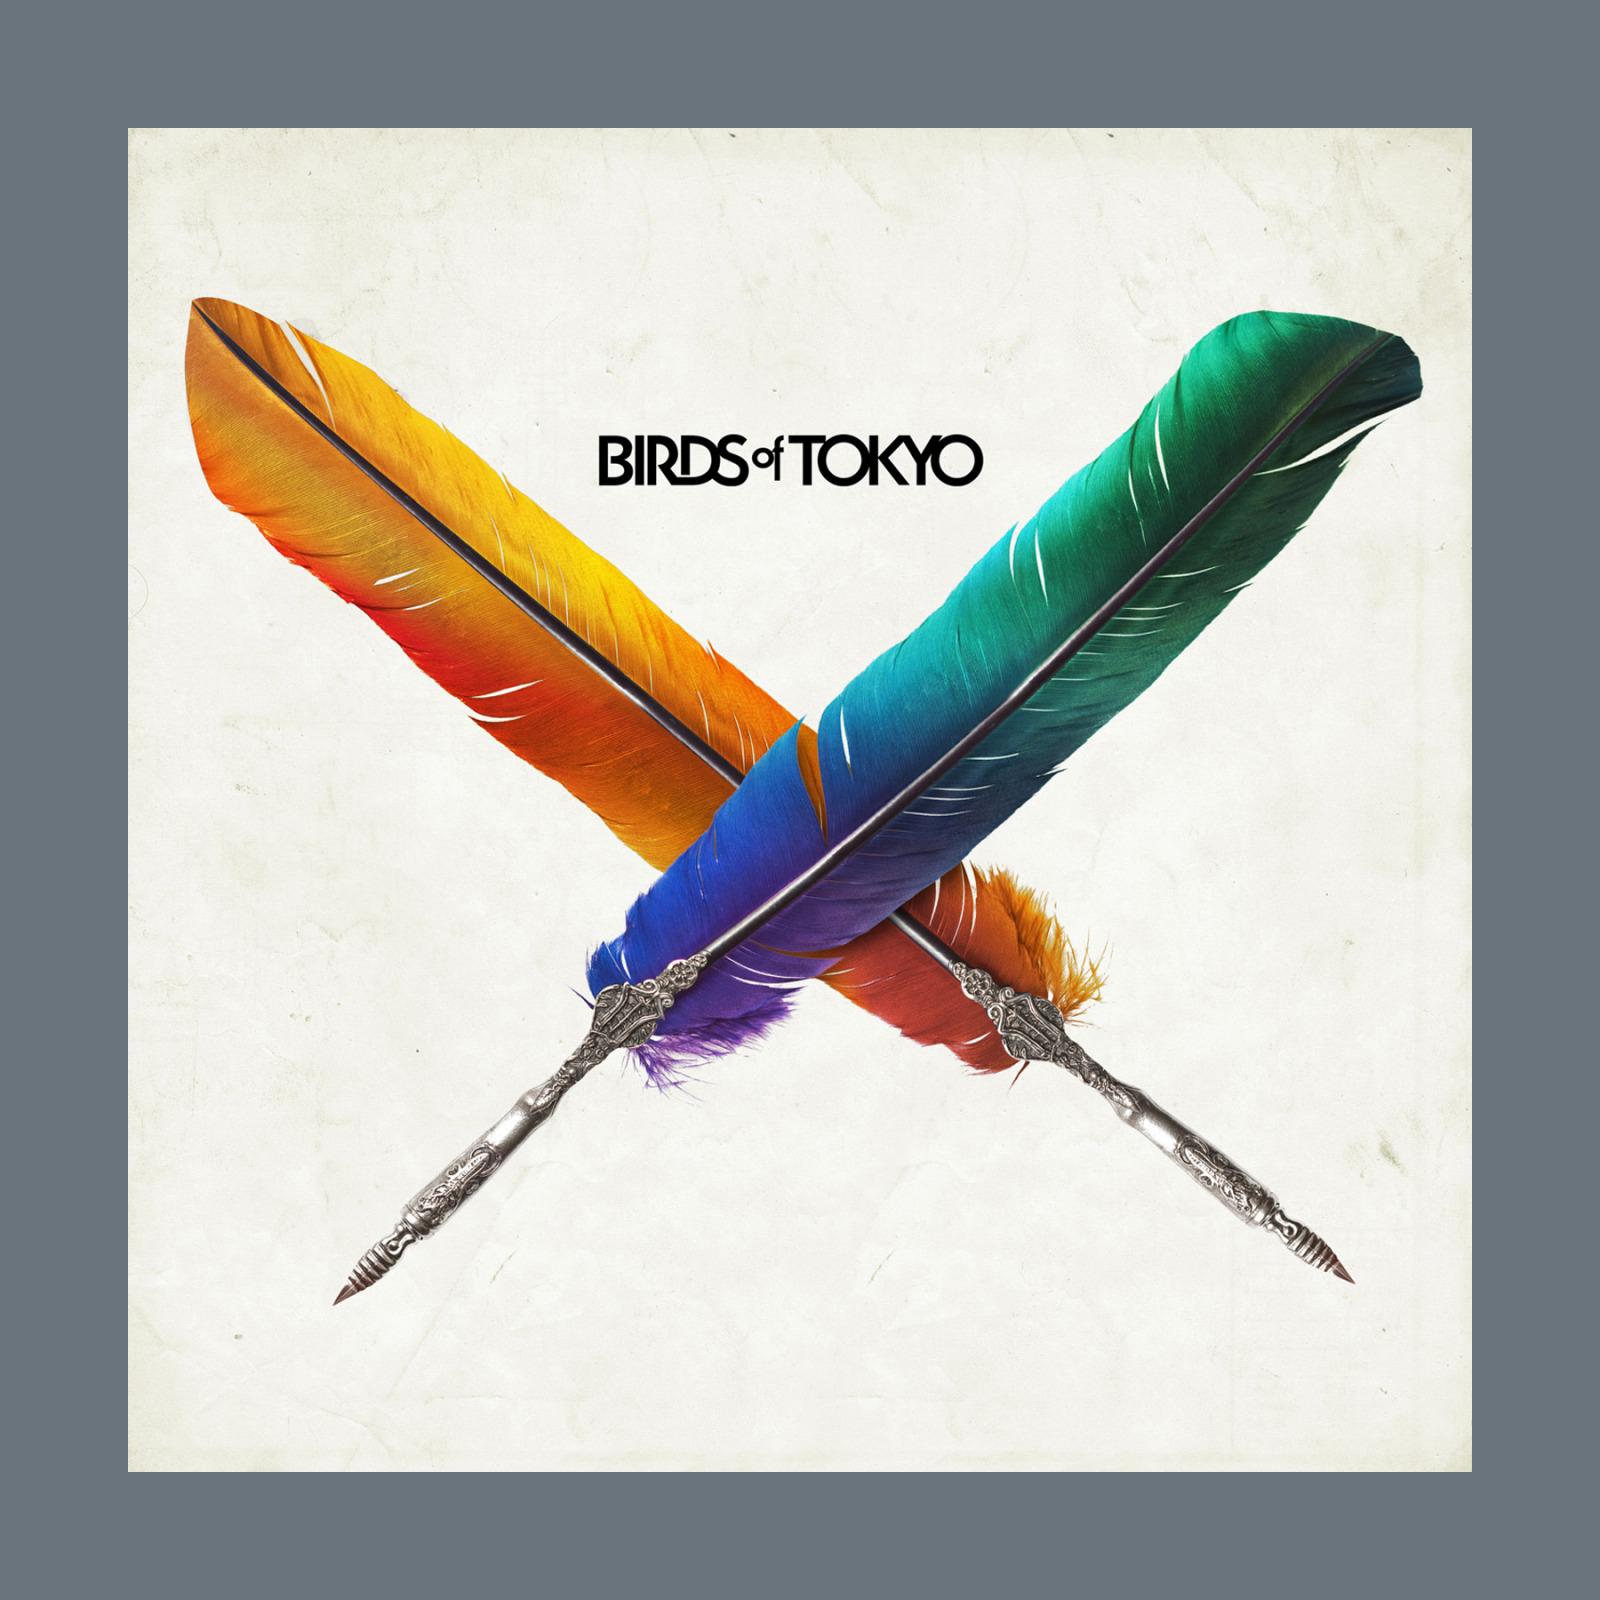 birdsoftokyo_00